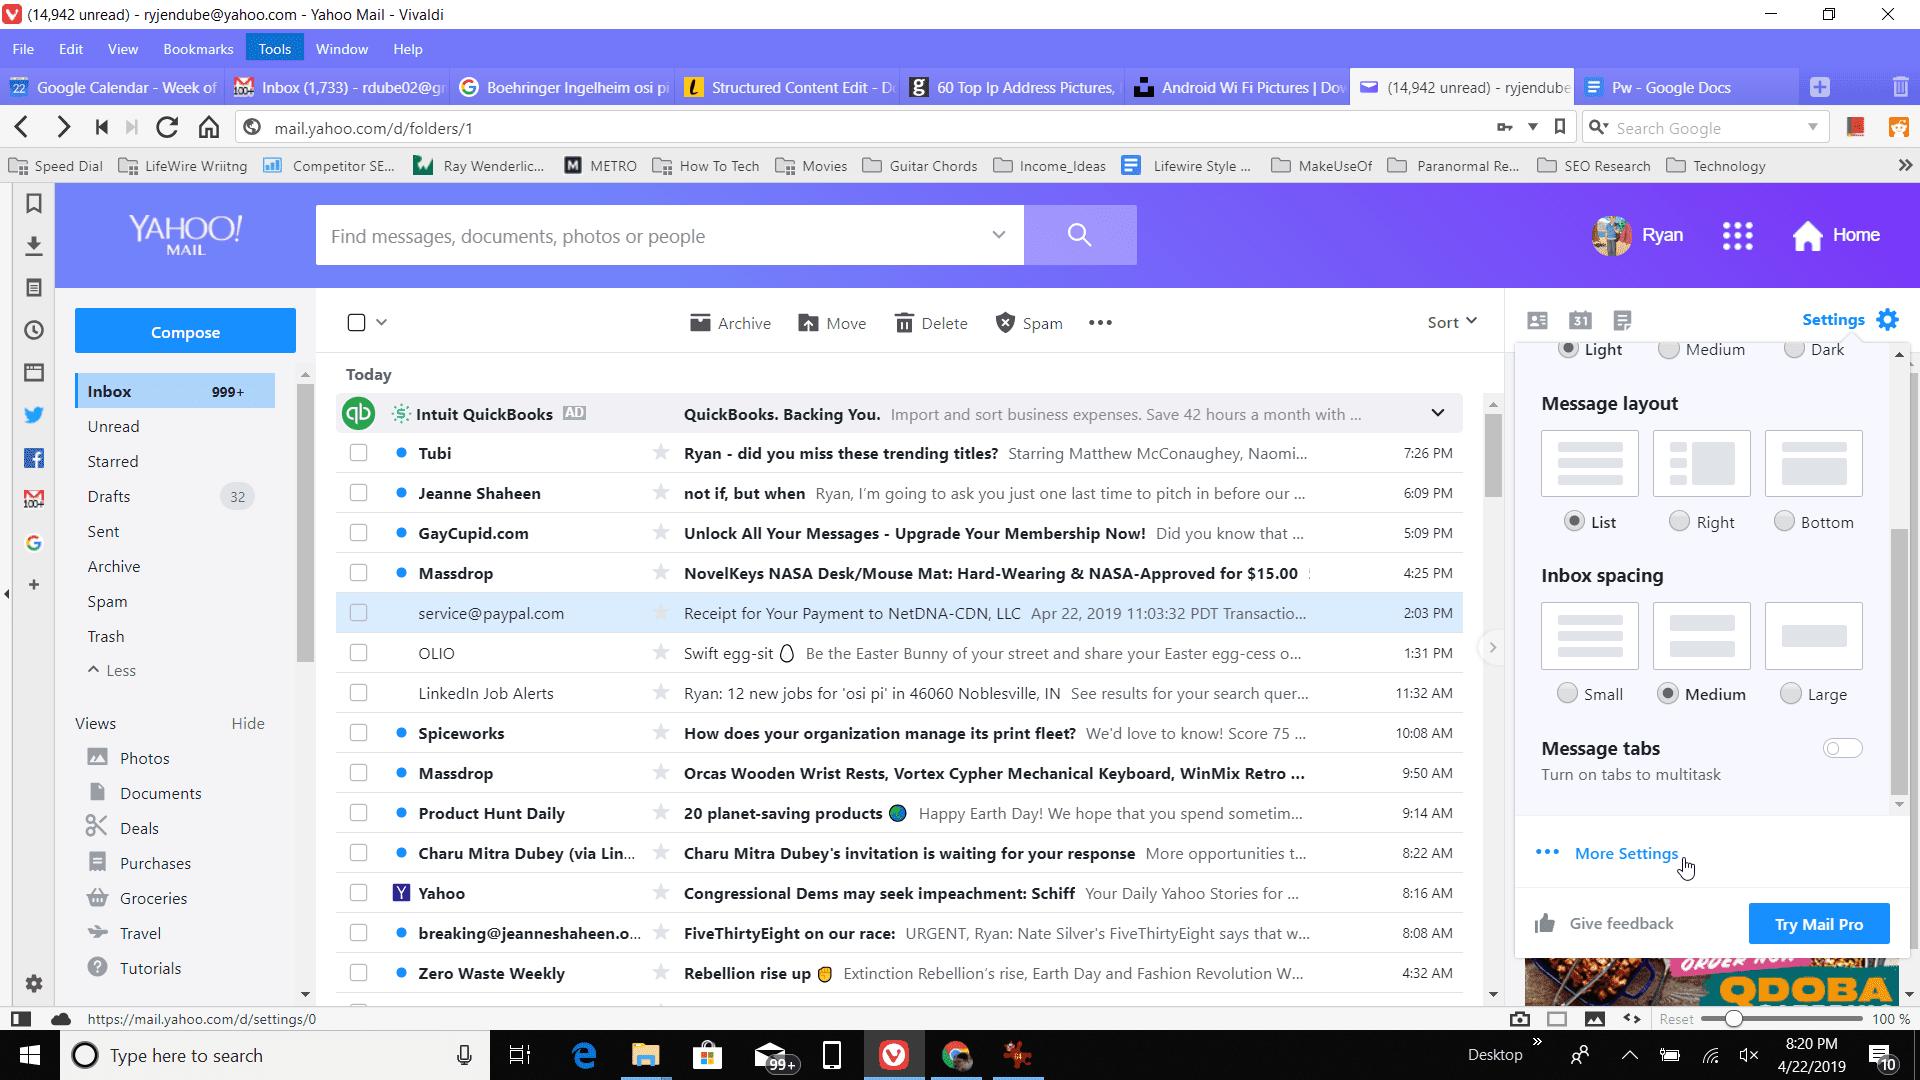 Screenshot of More Settings in Yahoo Settings